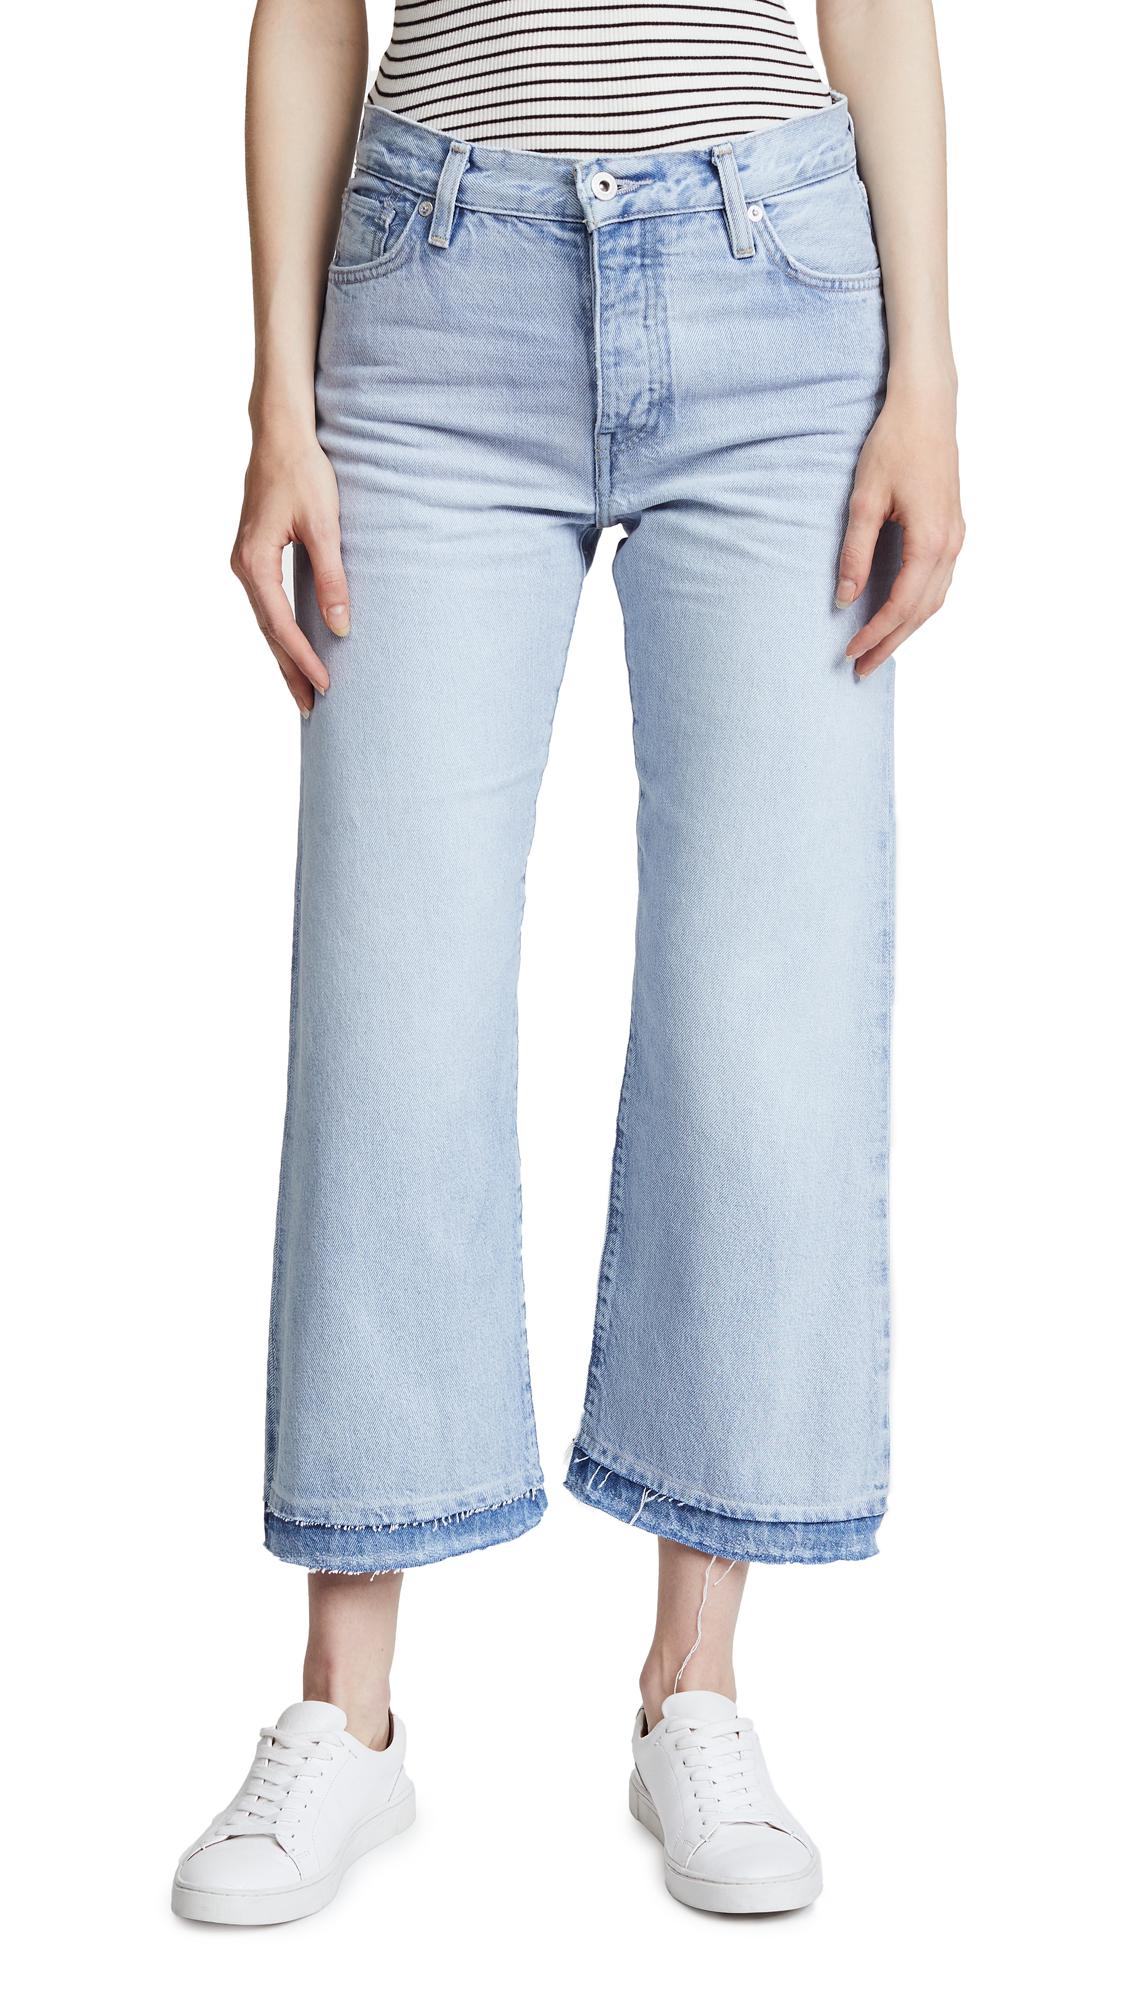 Levis LMC x SHOPBOP Splice Flare Jeans - Blue Paradise Blue